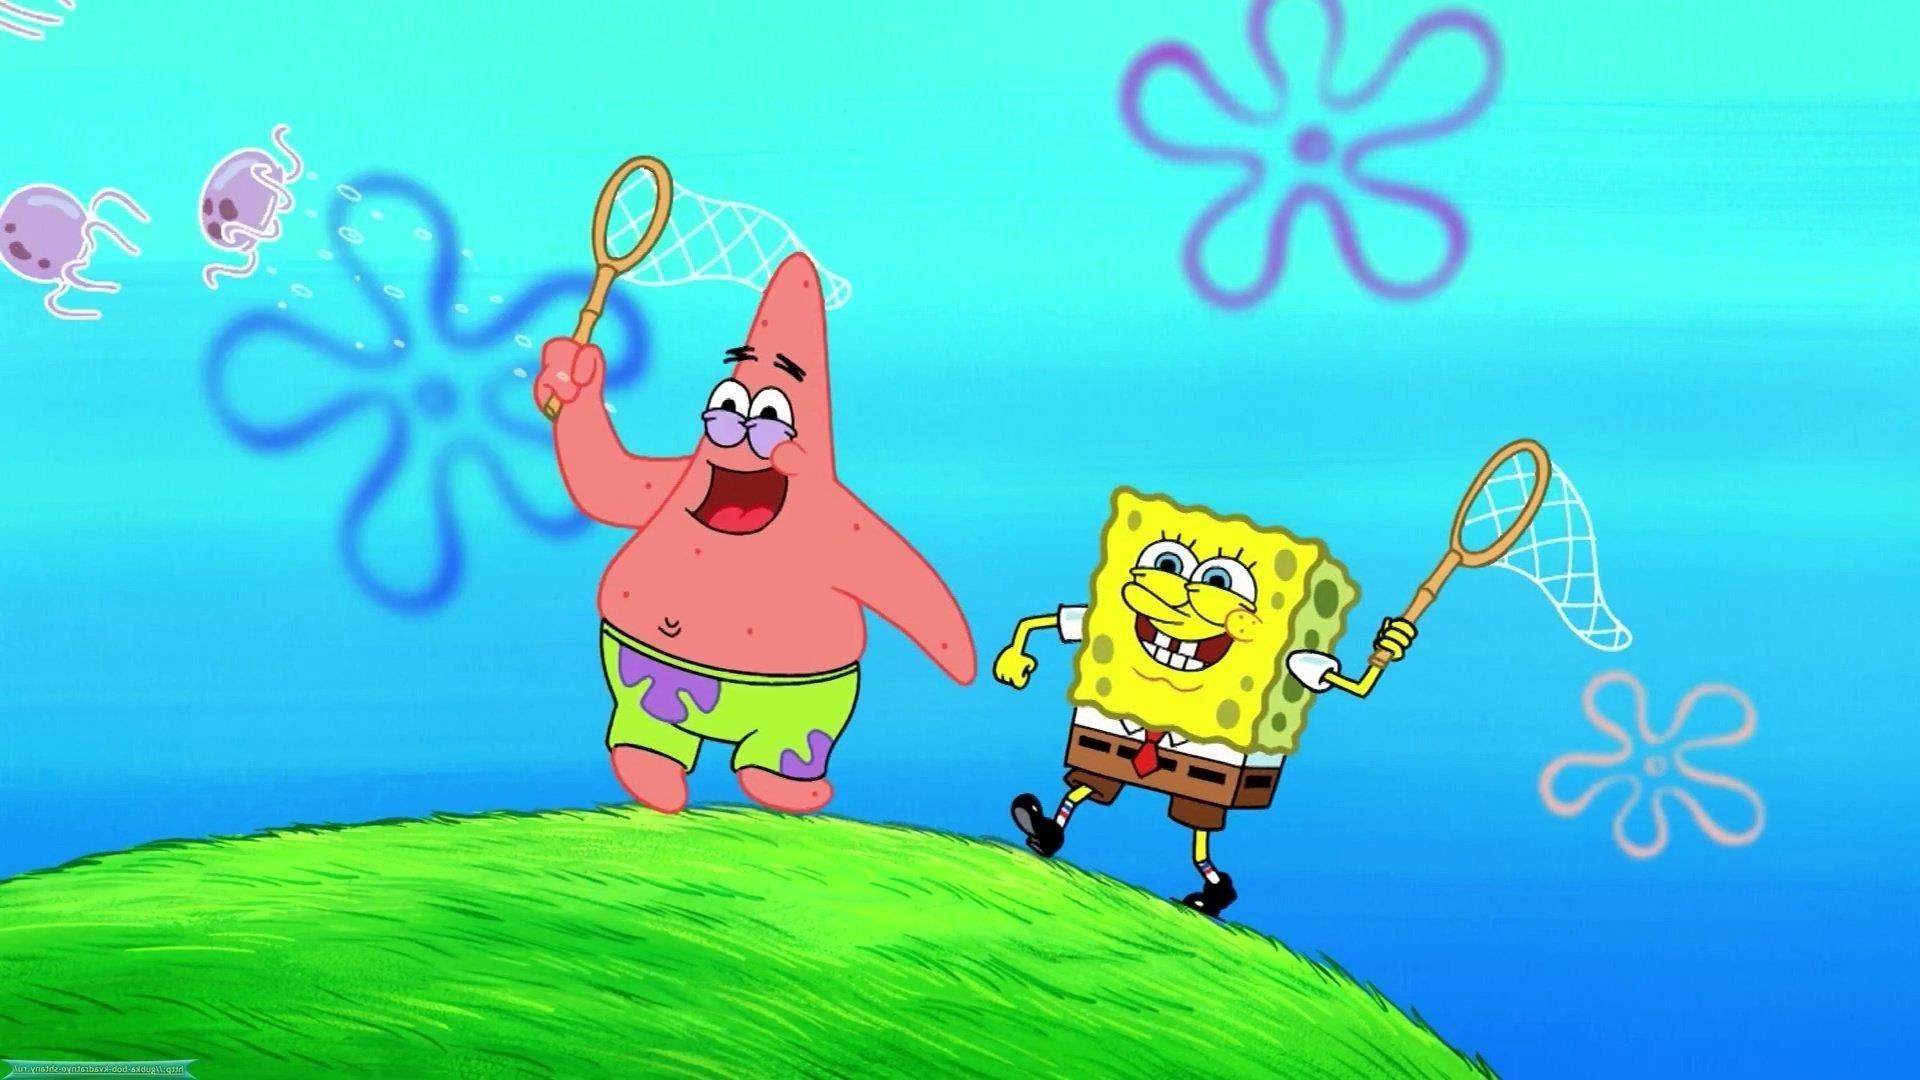 Spongebob And Patrick Wallpaper 1920x1080